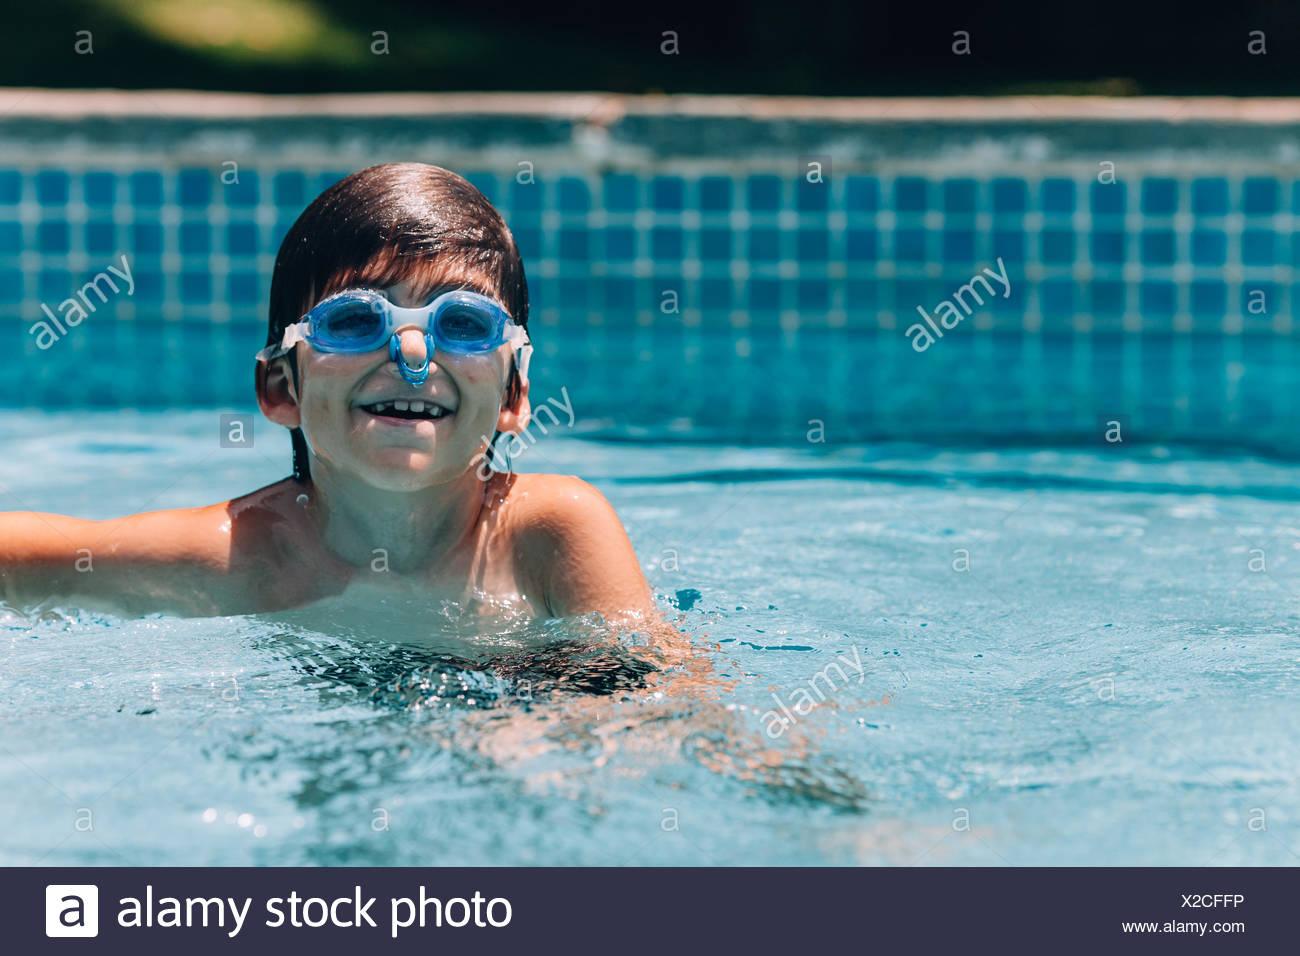 Smiling boy wearing lunettes et pince-nez dans la piscine Photo Stock